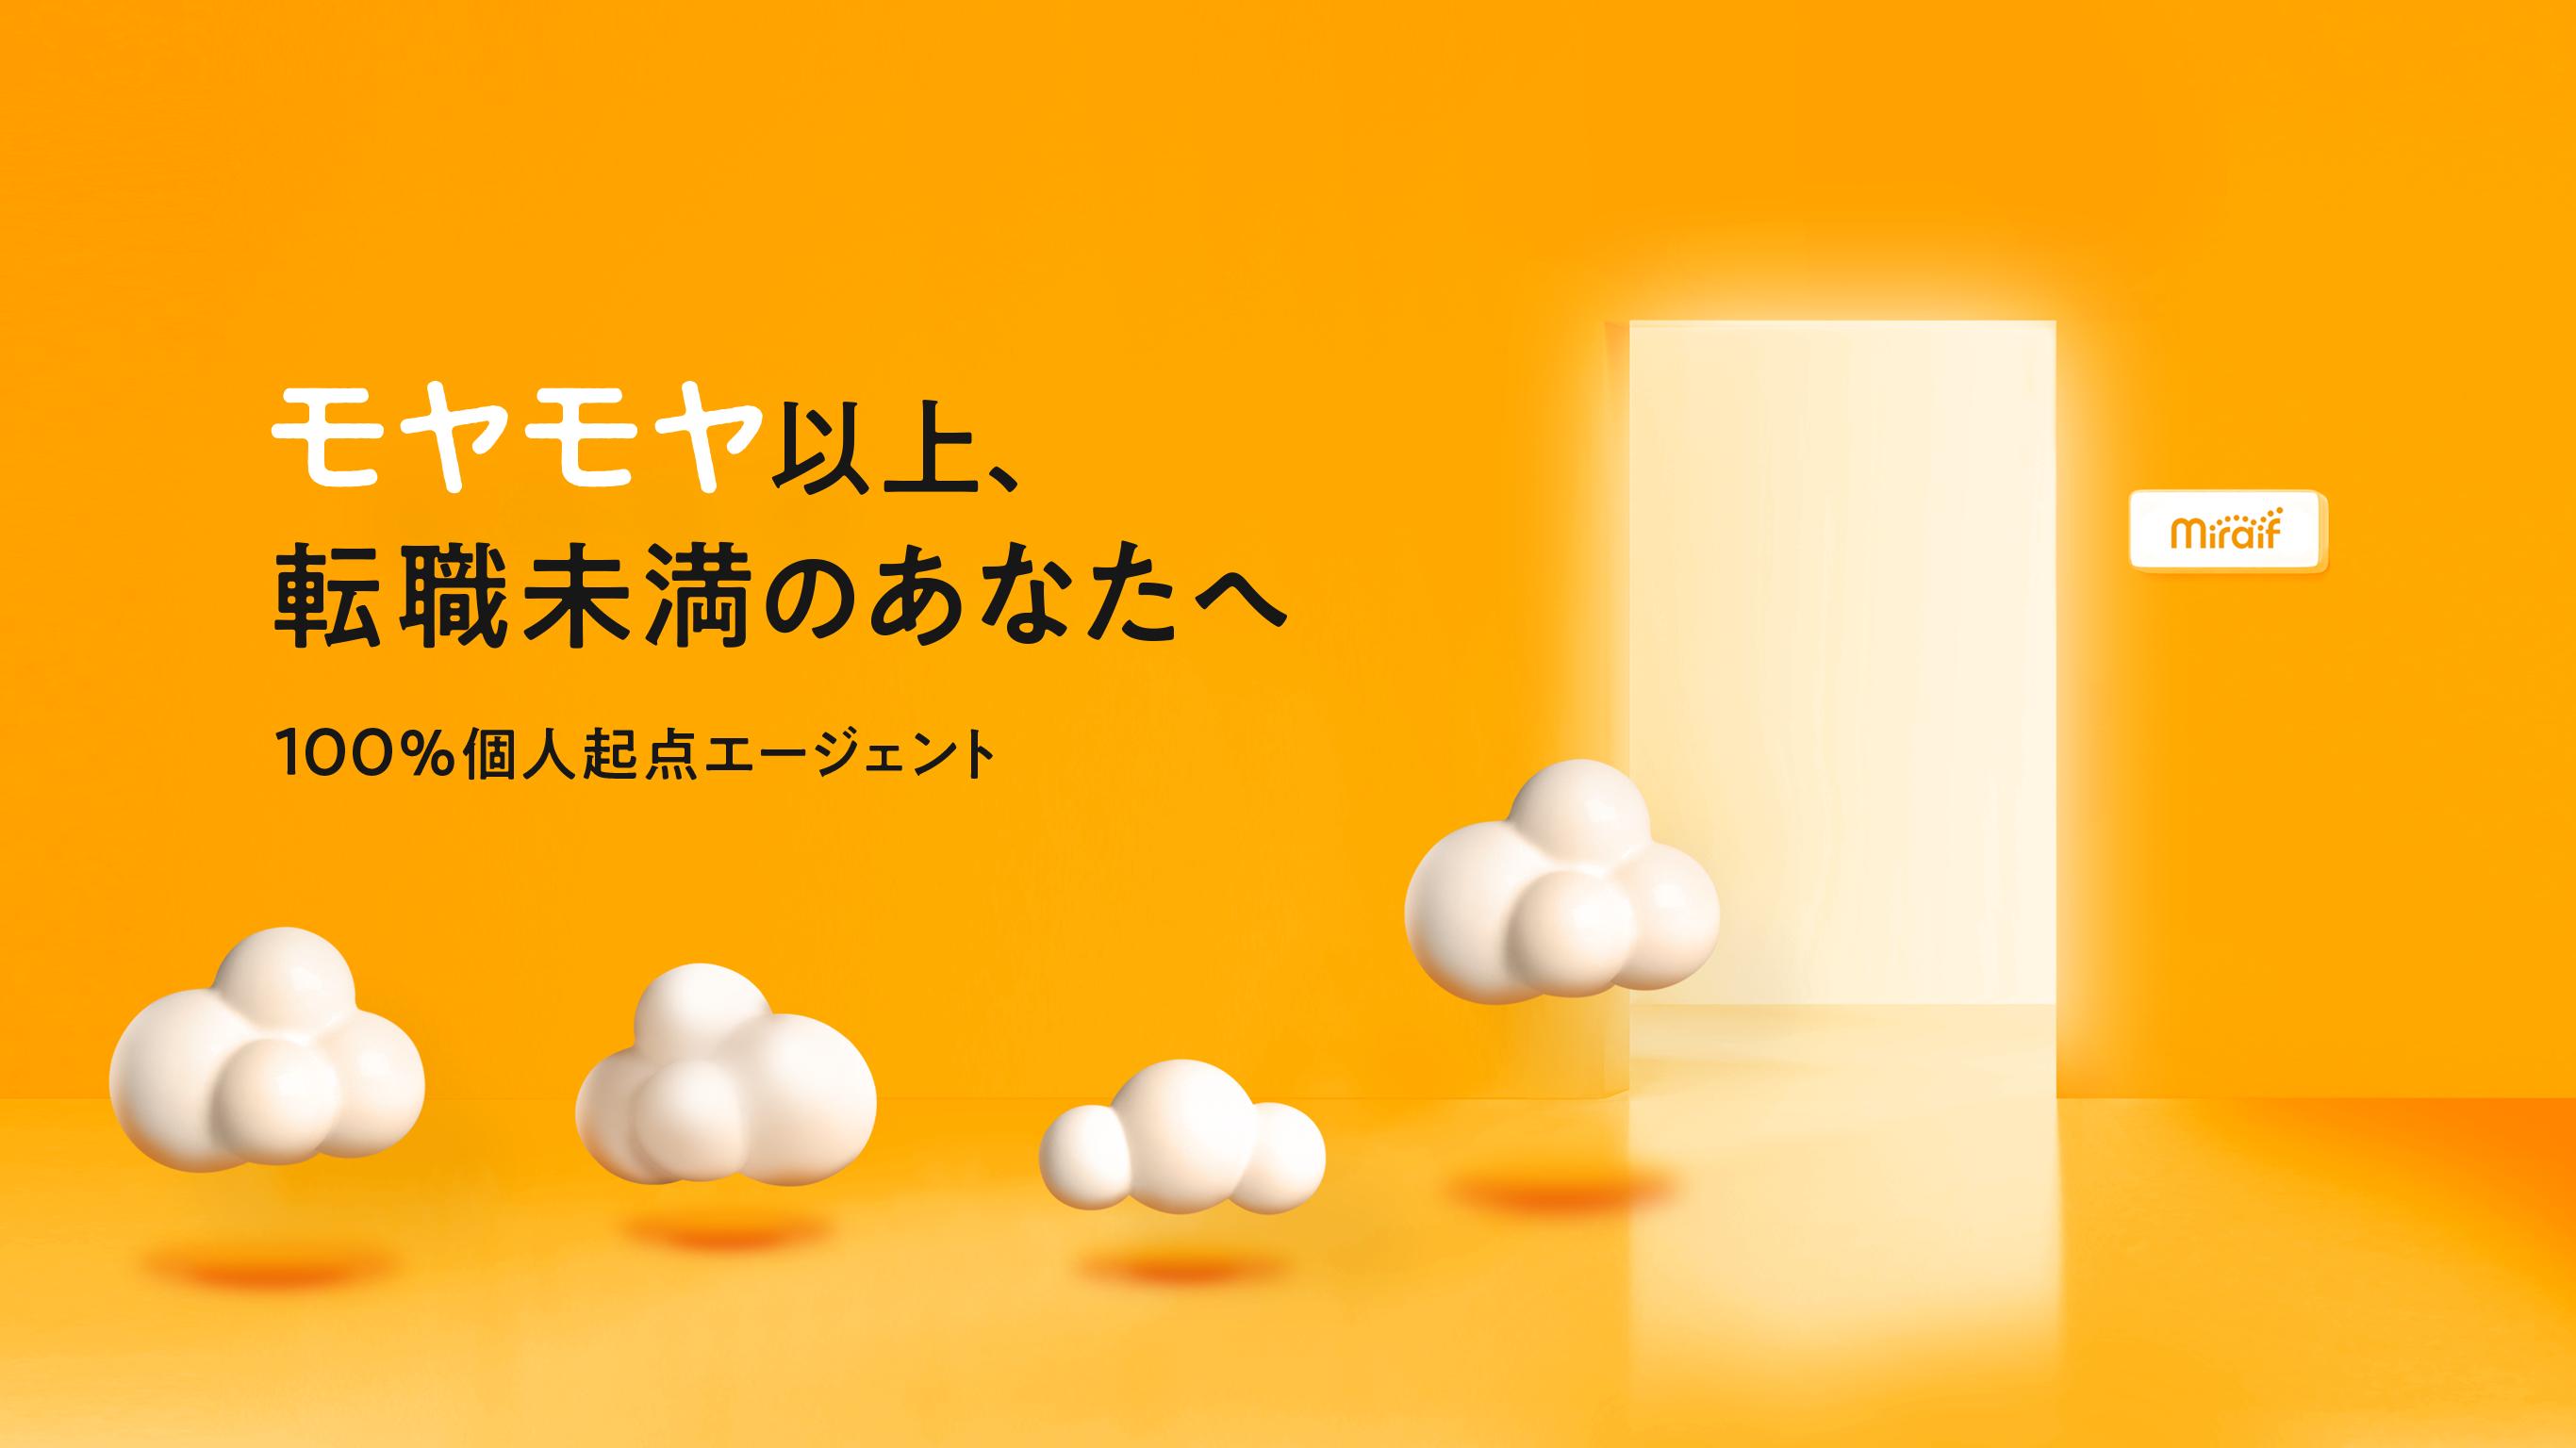 ミライフサイトリニューアル!こだわりポイントTOP3!!!